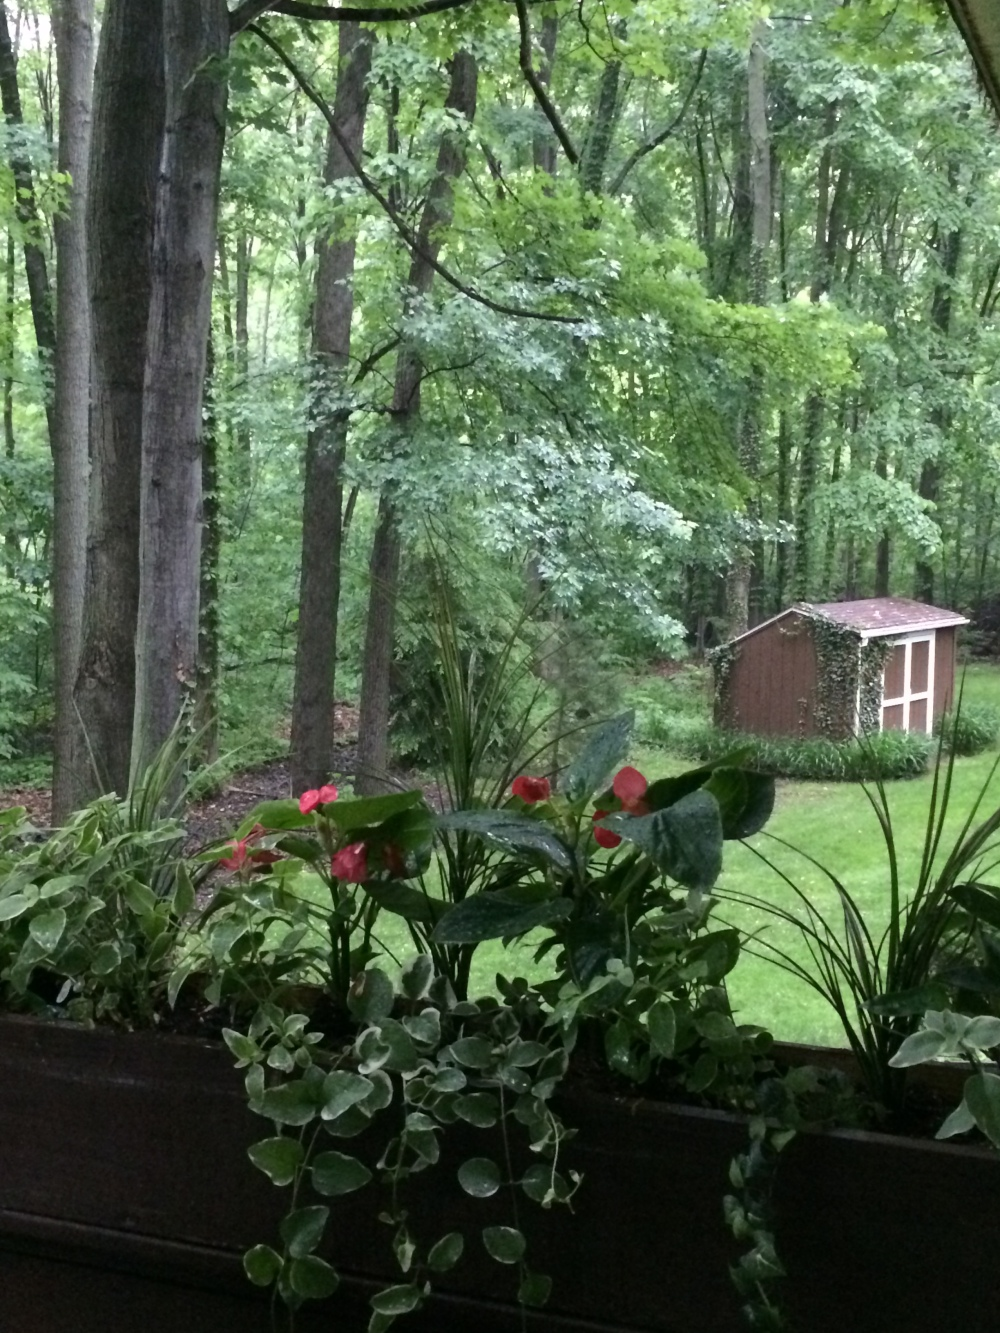 a lovebird's childhood home